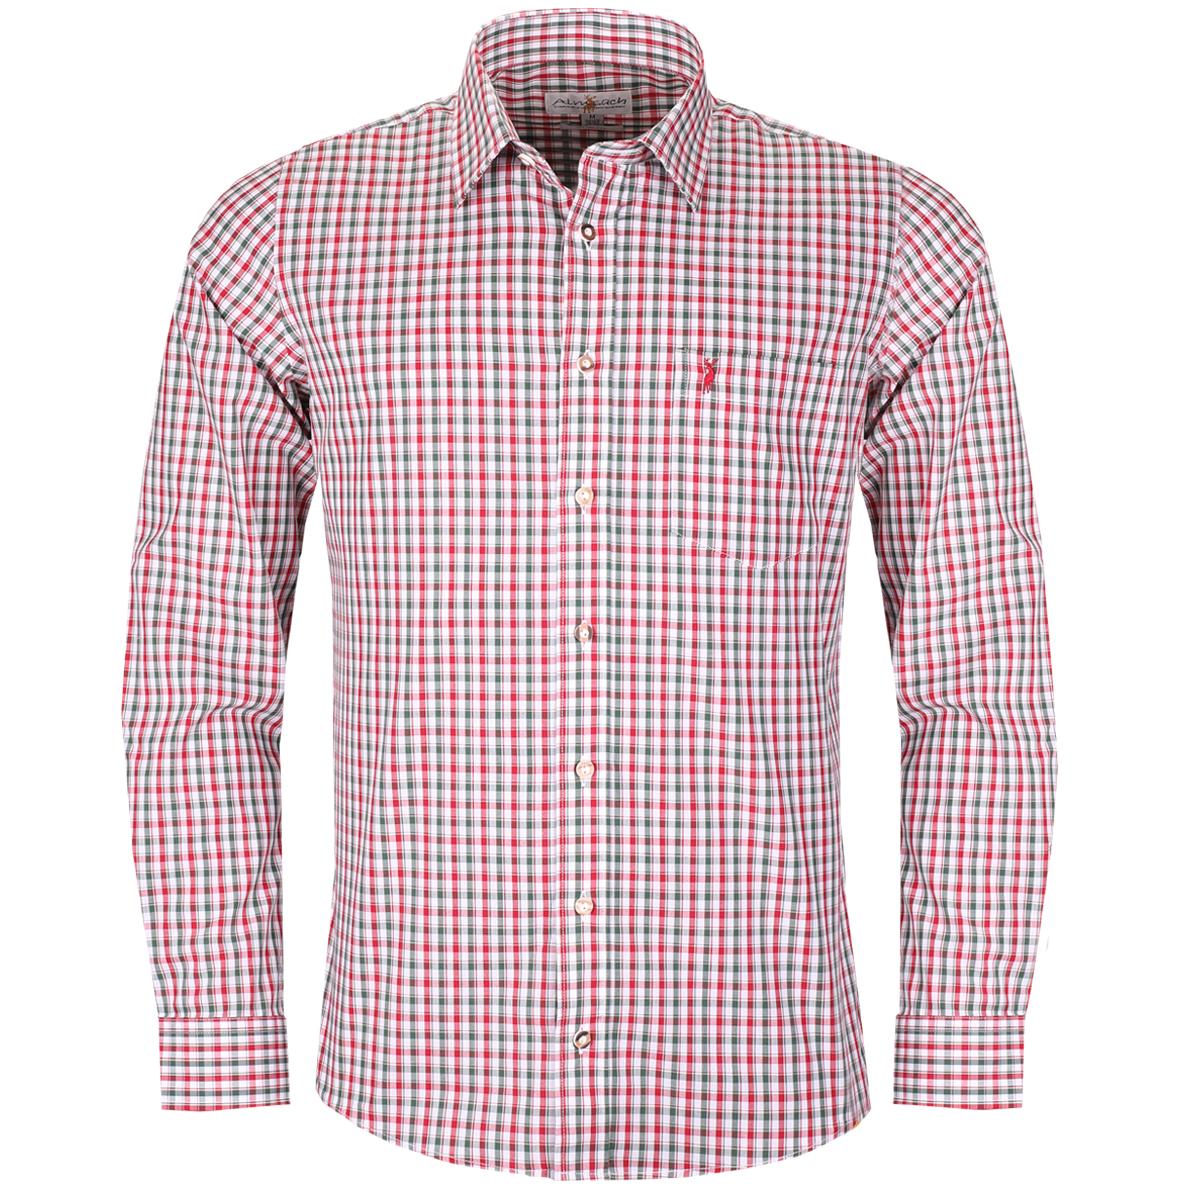 Trachtenhemd Marc Slim Fit zweifarbig in Rot und Dunkelgrün von Almsach günstig online kaufen